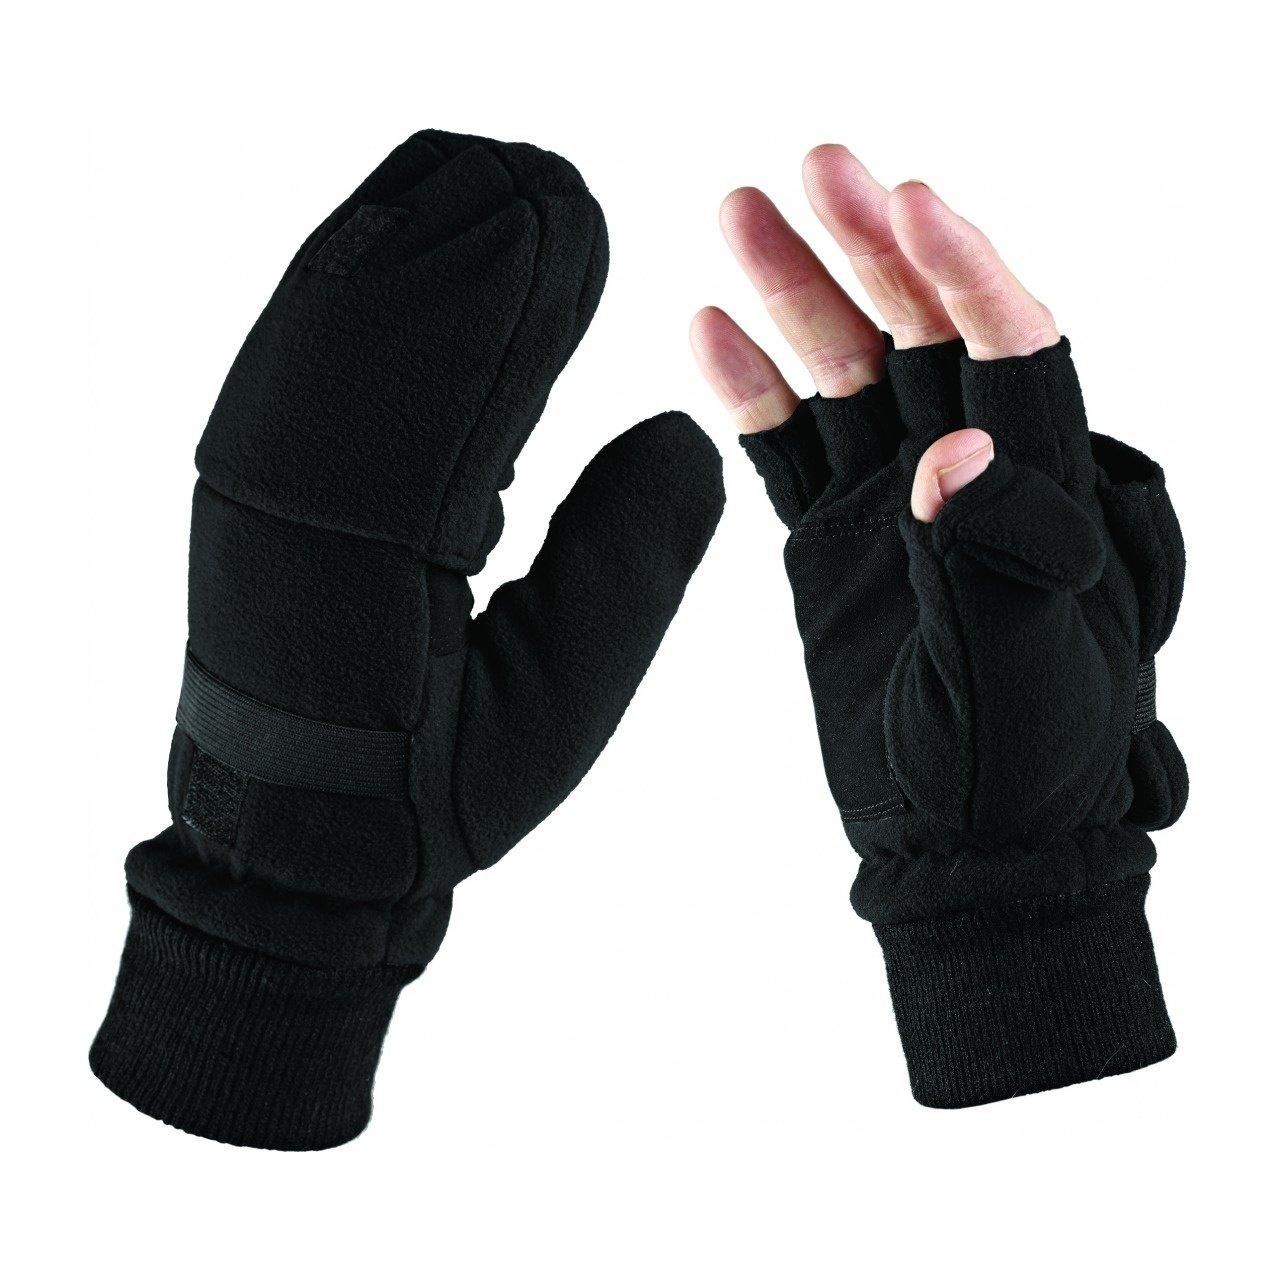 Dickies GL8005 BK One Size Half Finger Gloves - Black